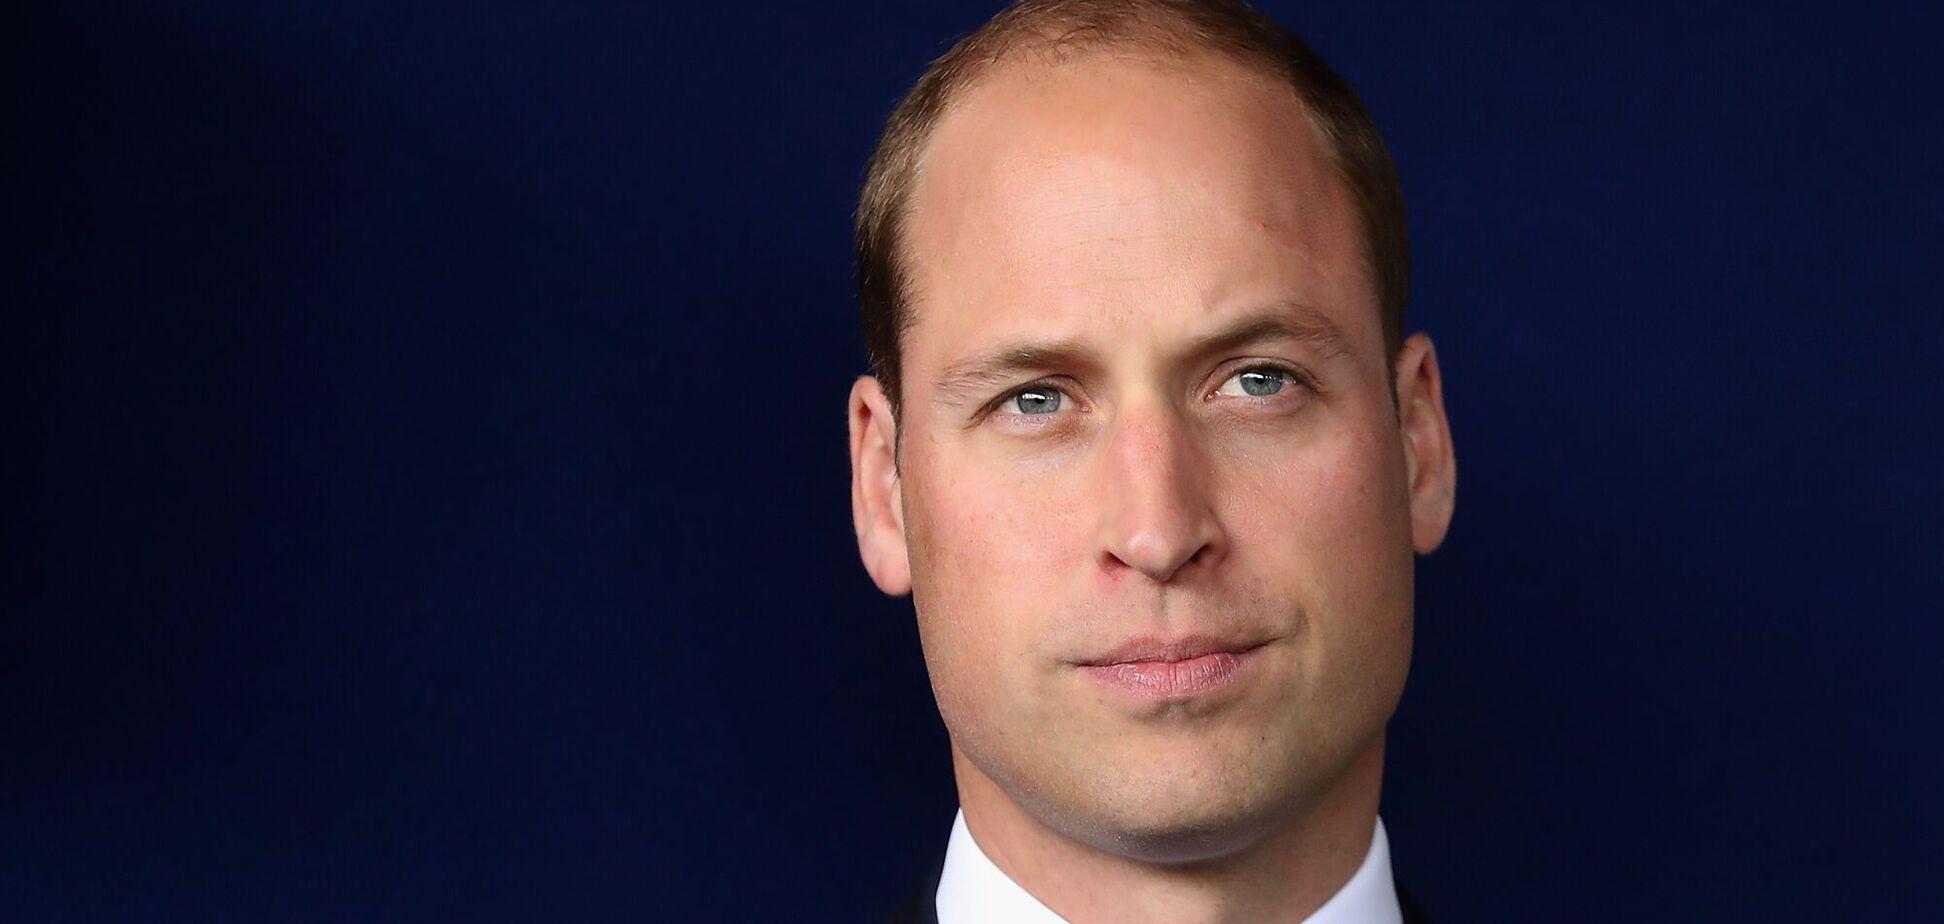 Принц Уильям переболел коронавирусом: стало известно, как протекала болезнь